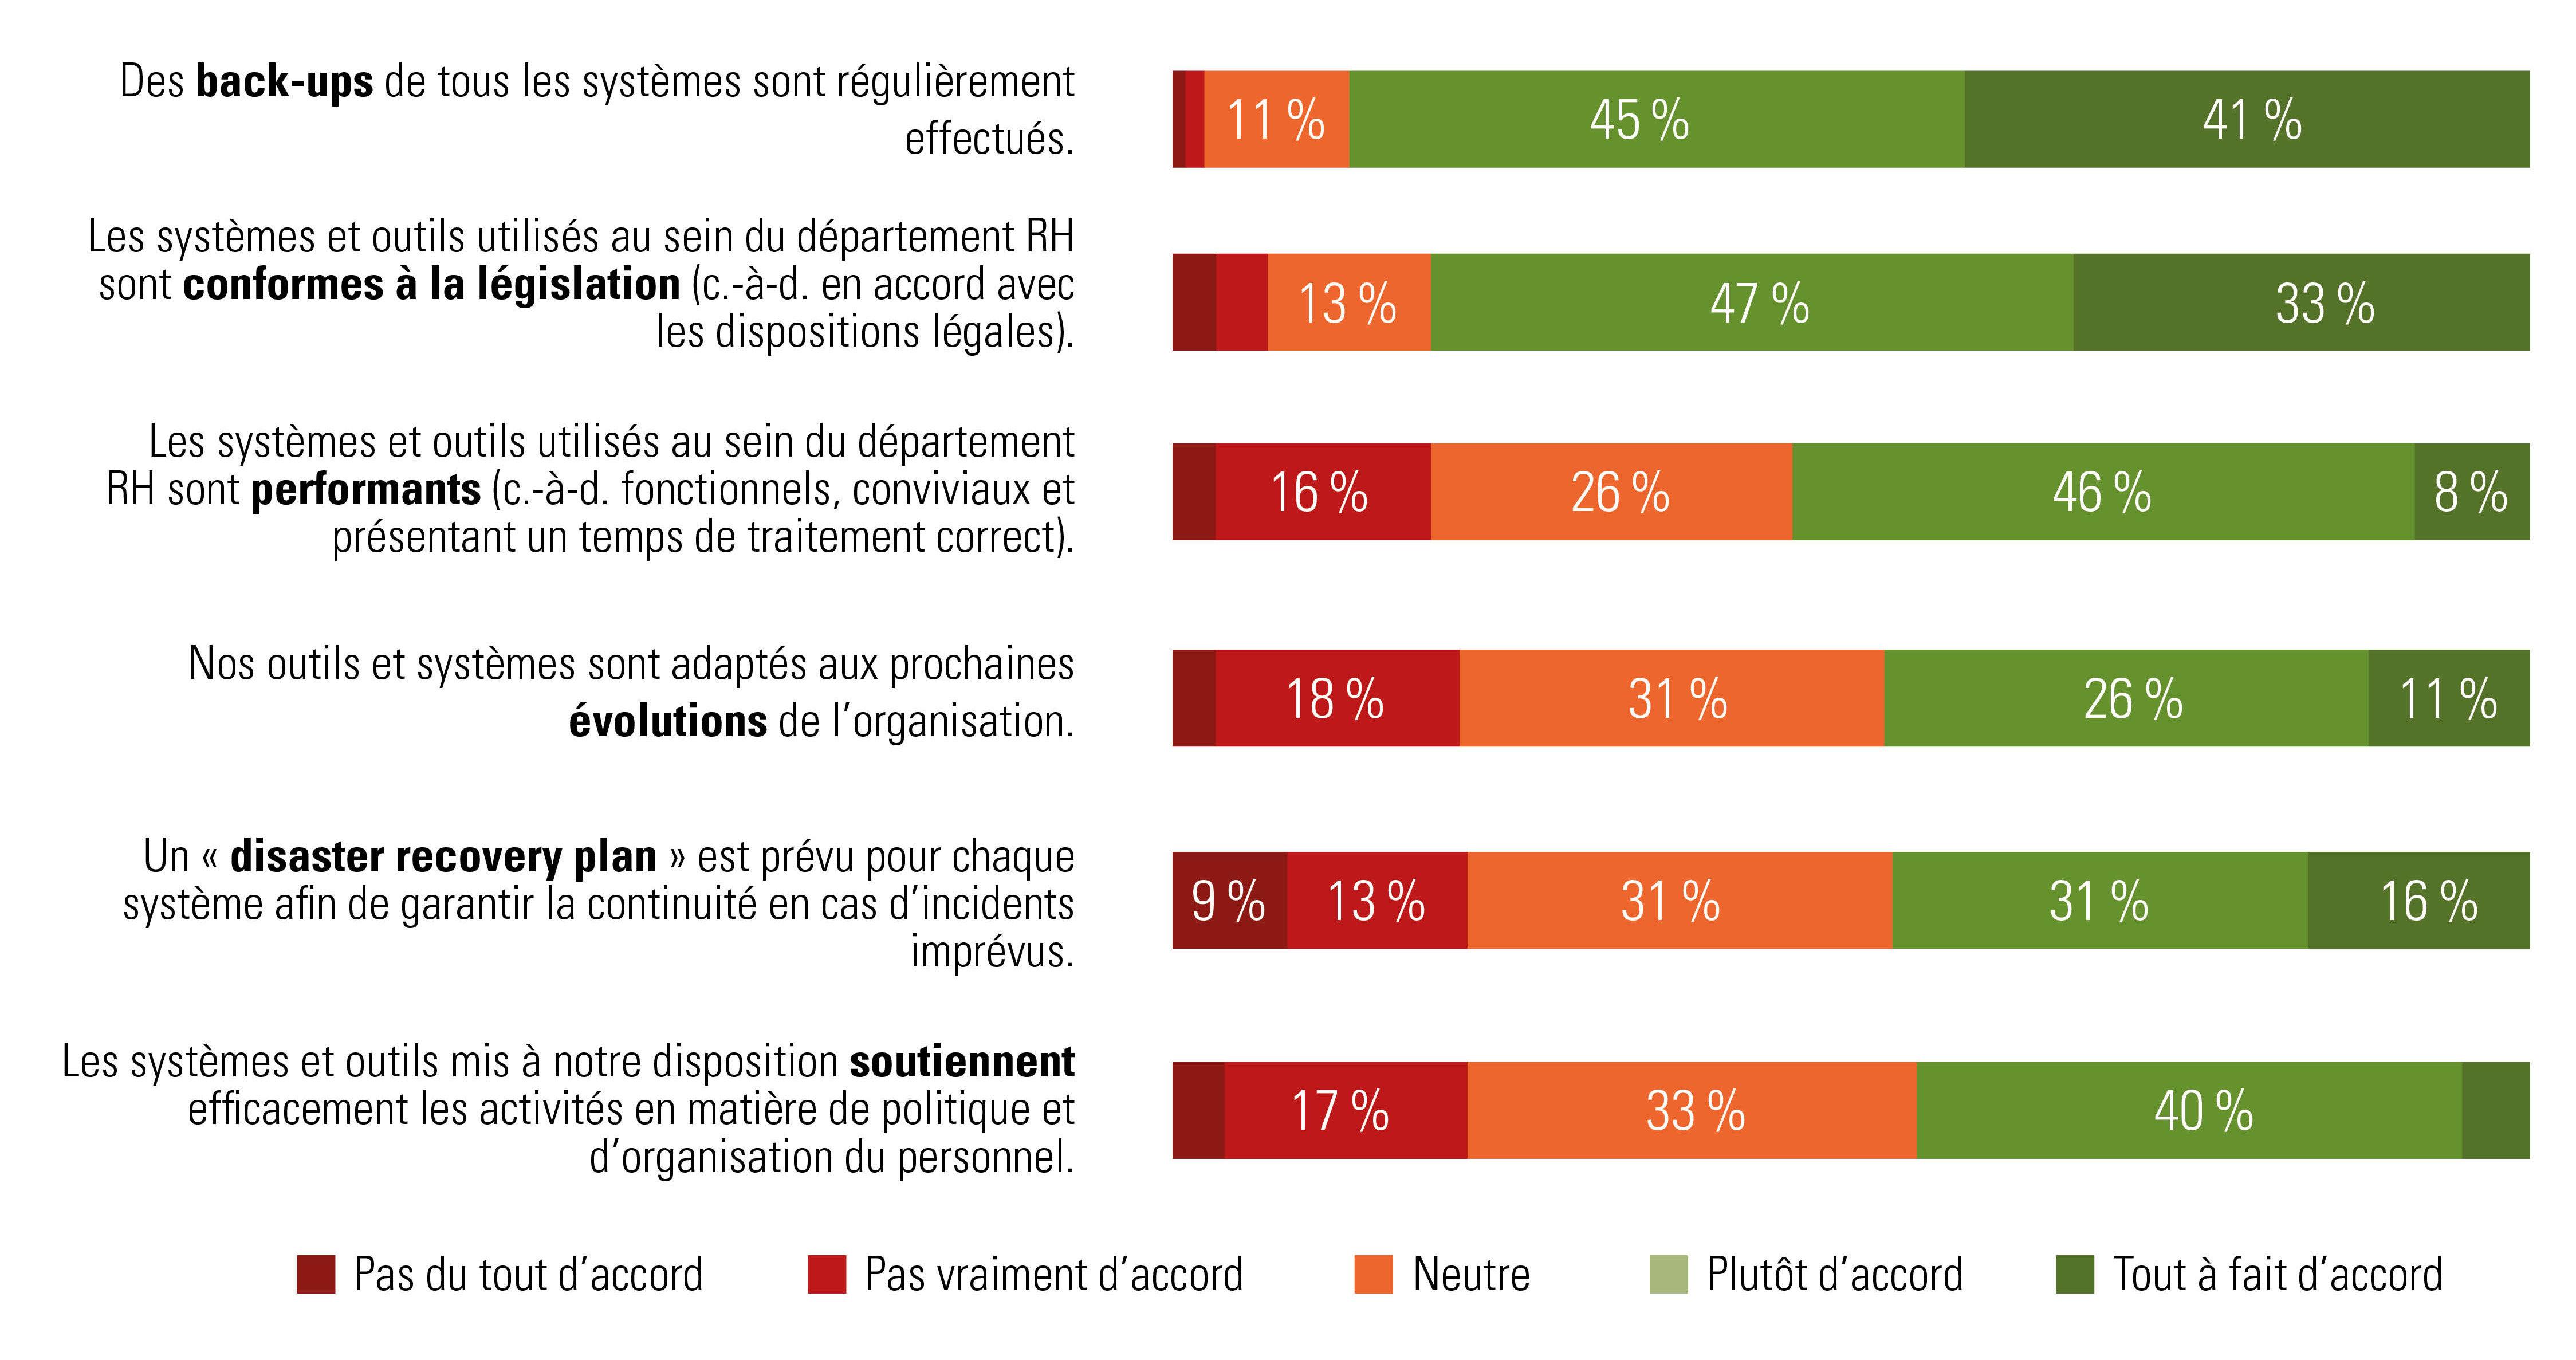 évaluation des systèmes et des outils RH